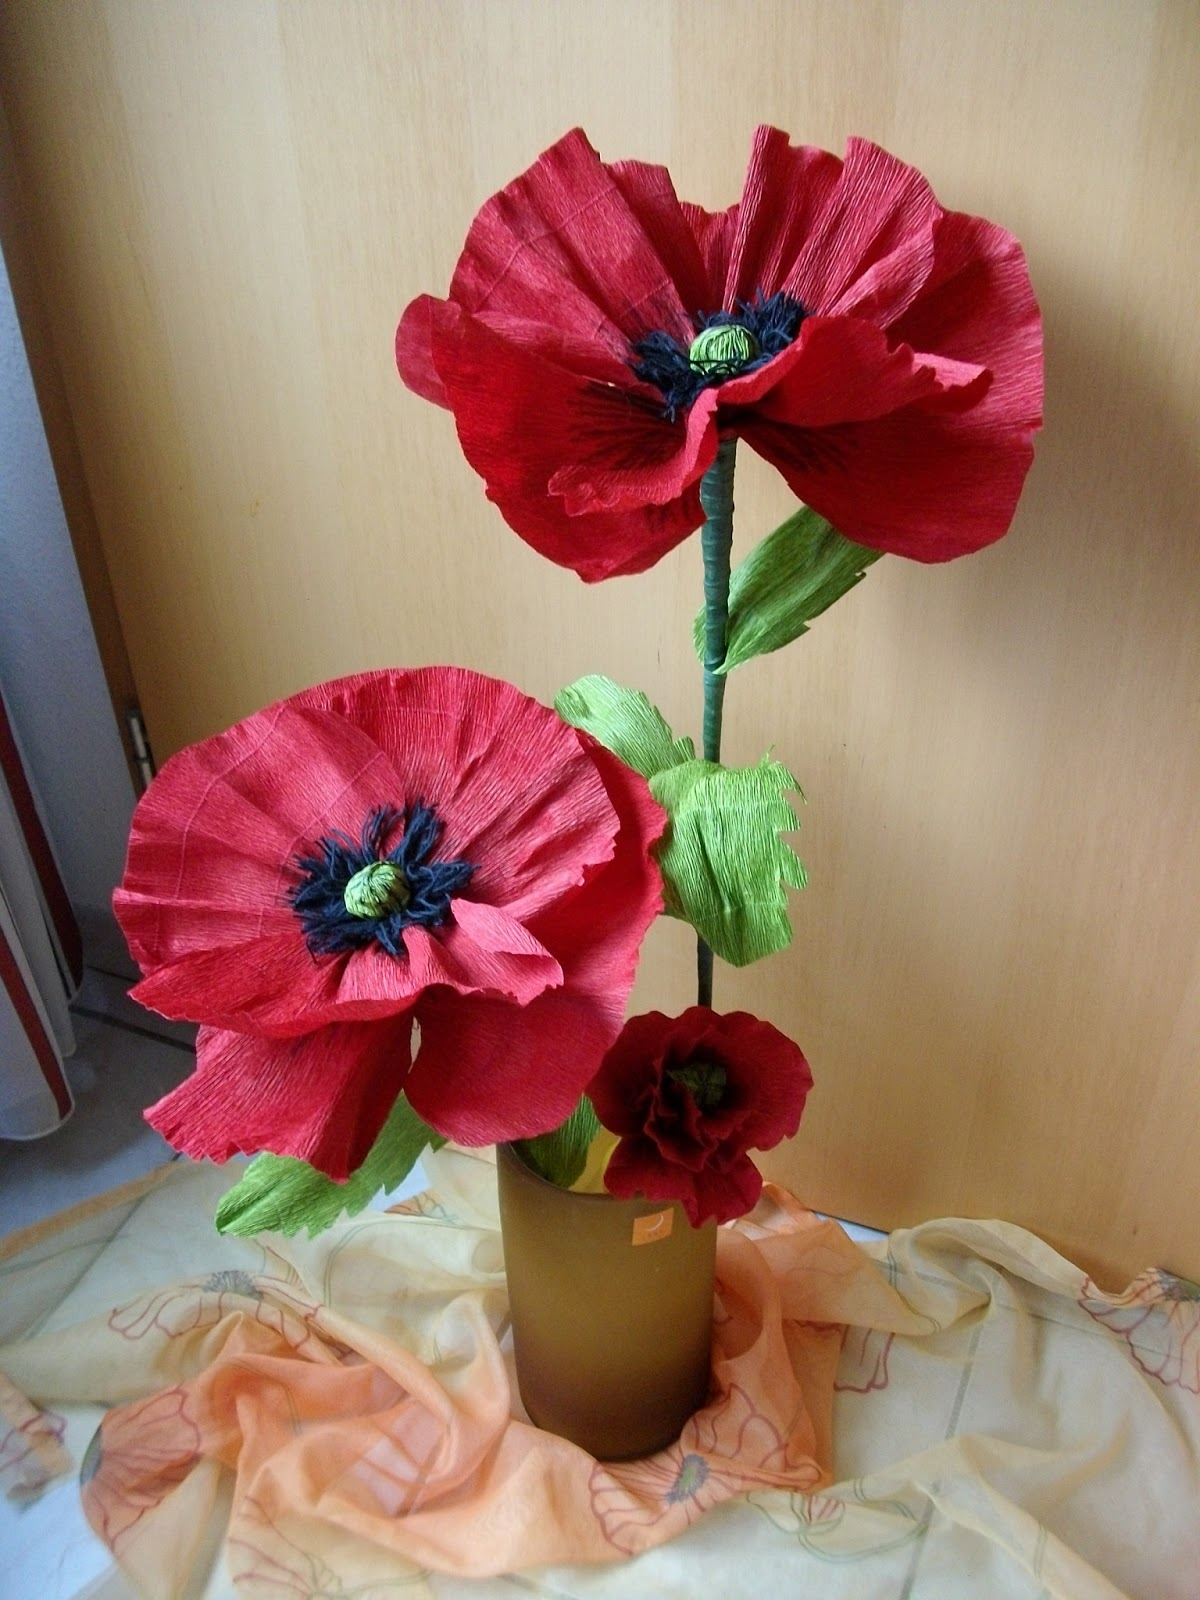 das-creativchen: mohnblumen sind soooooo schön !!!, Haus Raumgestaltung